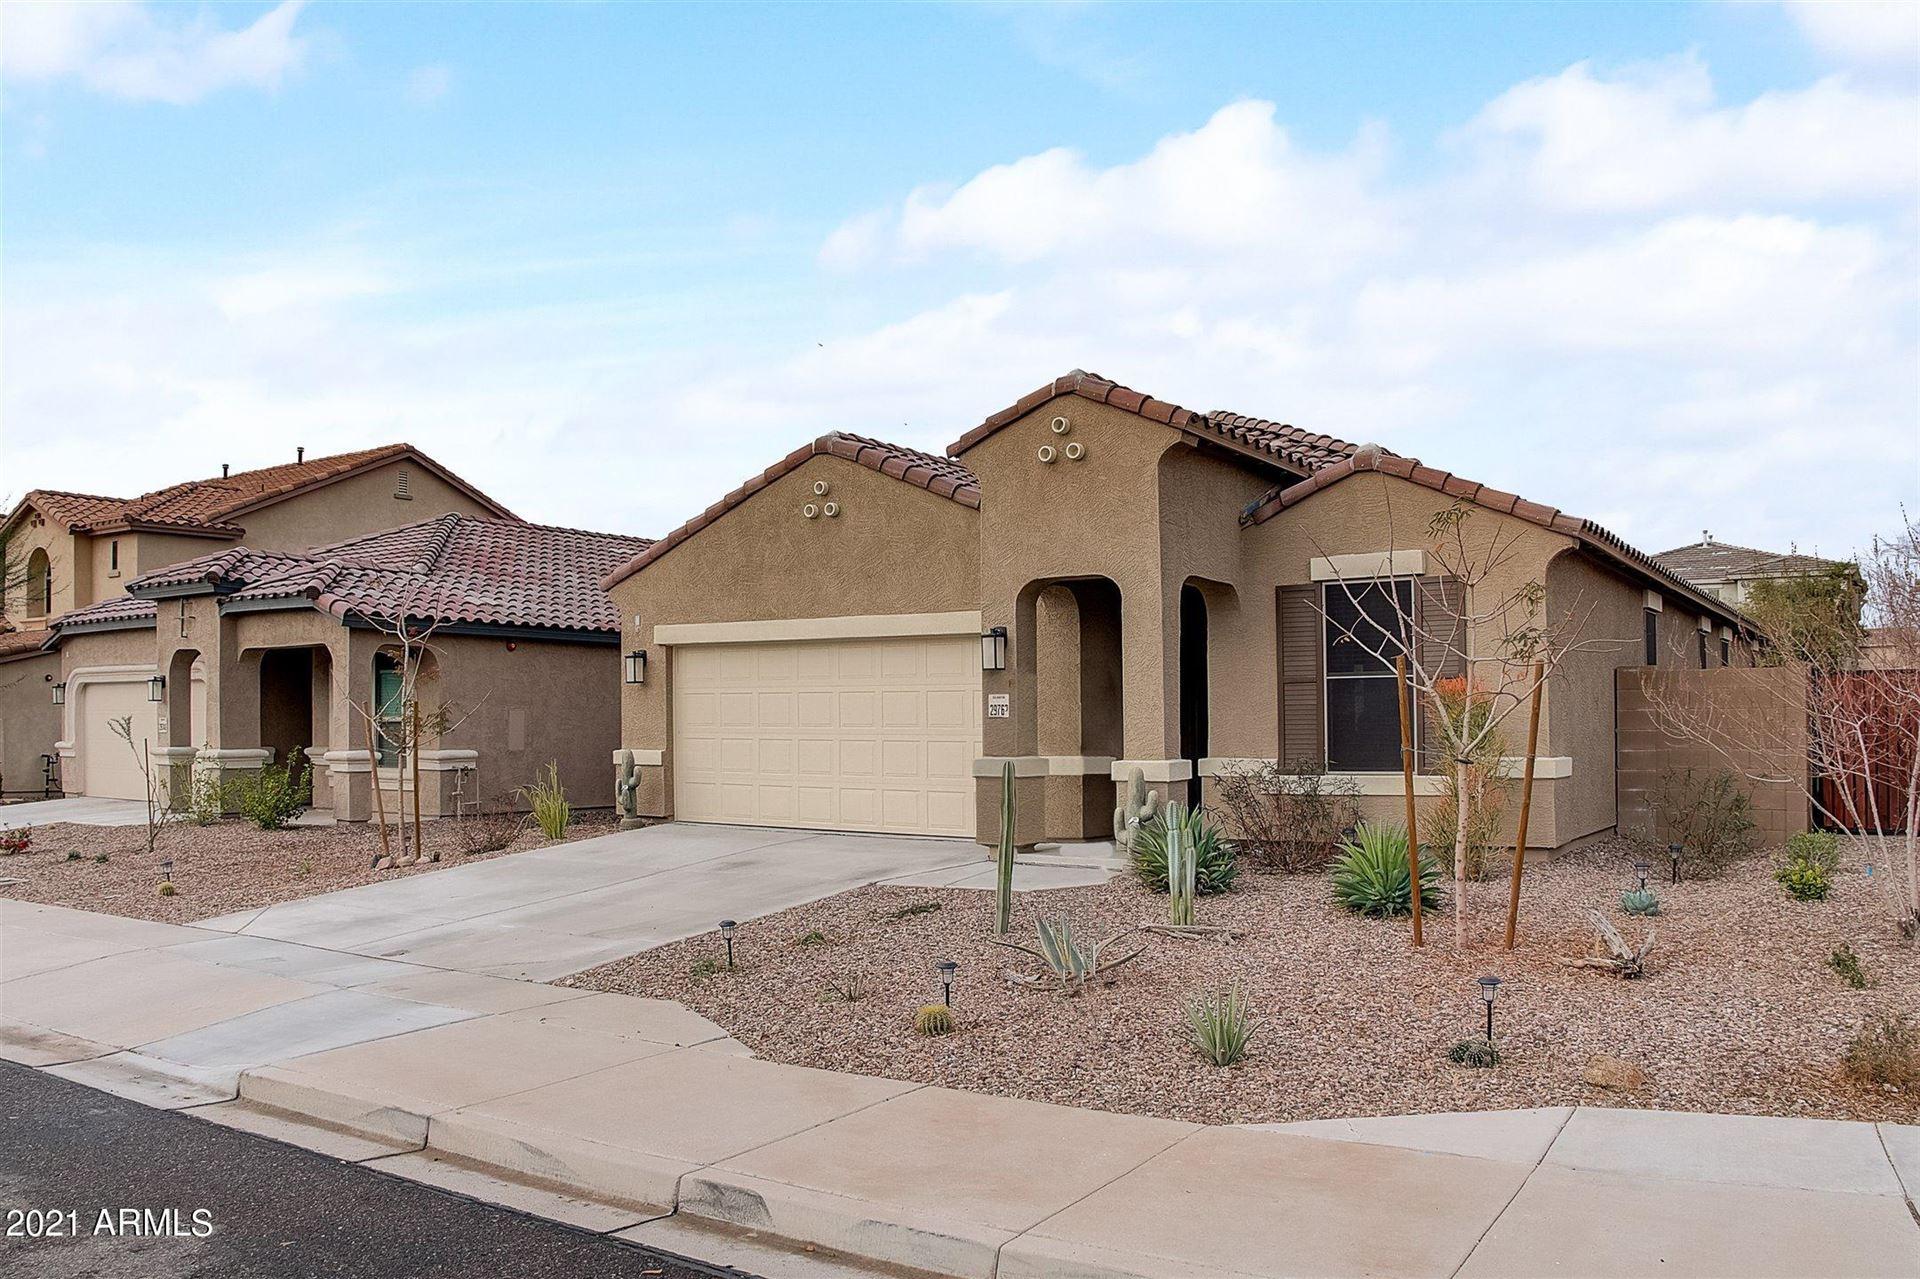 29762 N 120TH Lane, Peoria, AZ 85383 - MLS#: 6184707